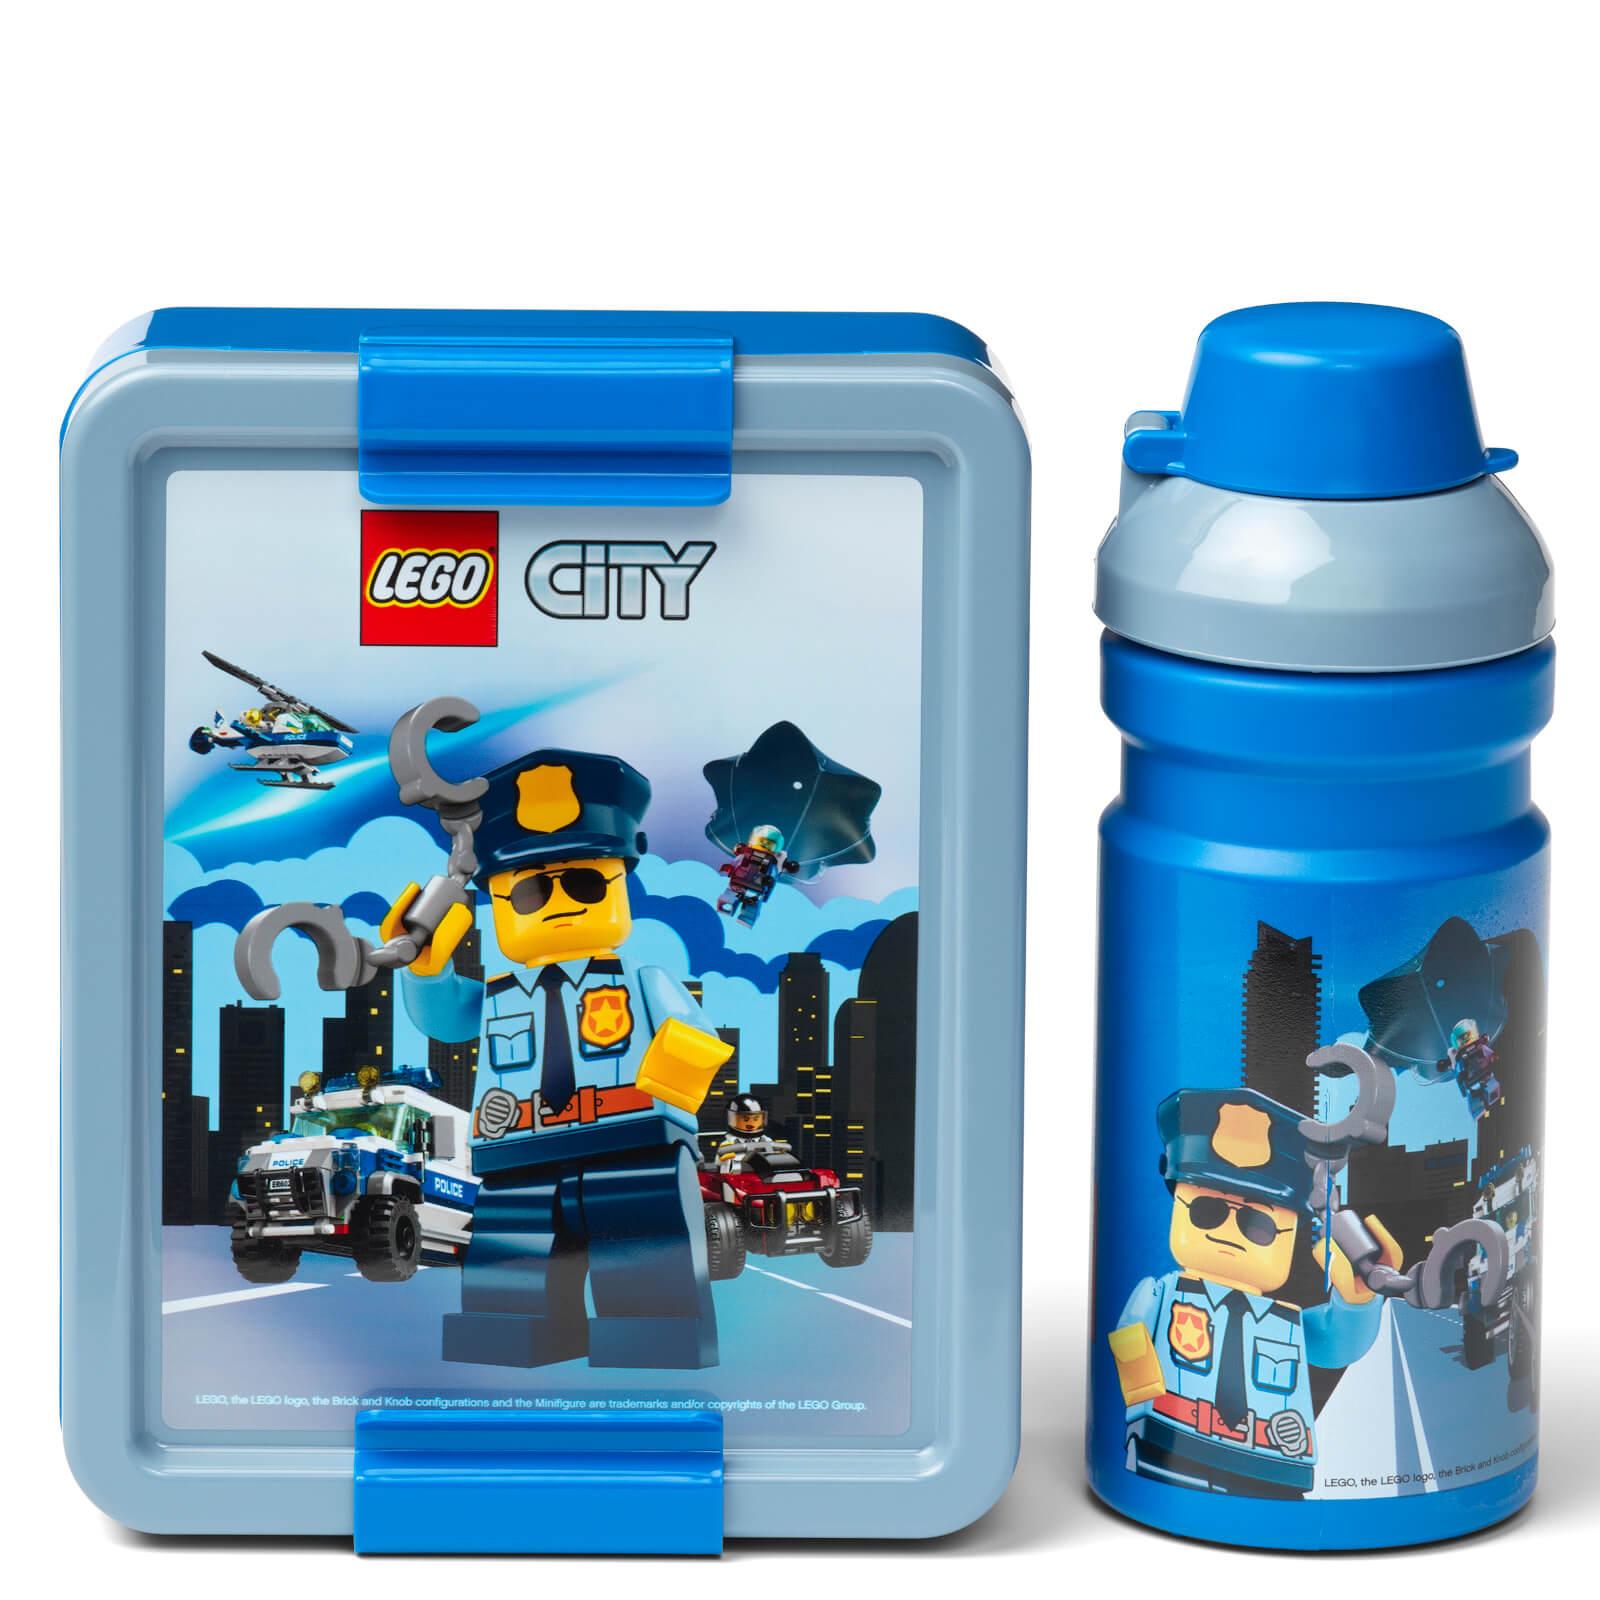 Image of LEGO Storage City Lunch Box Set